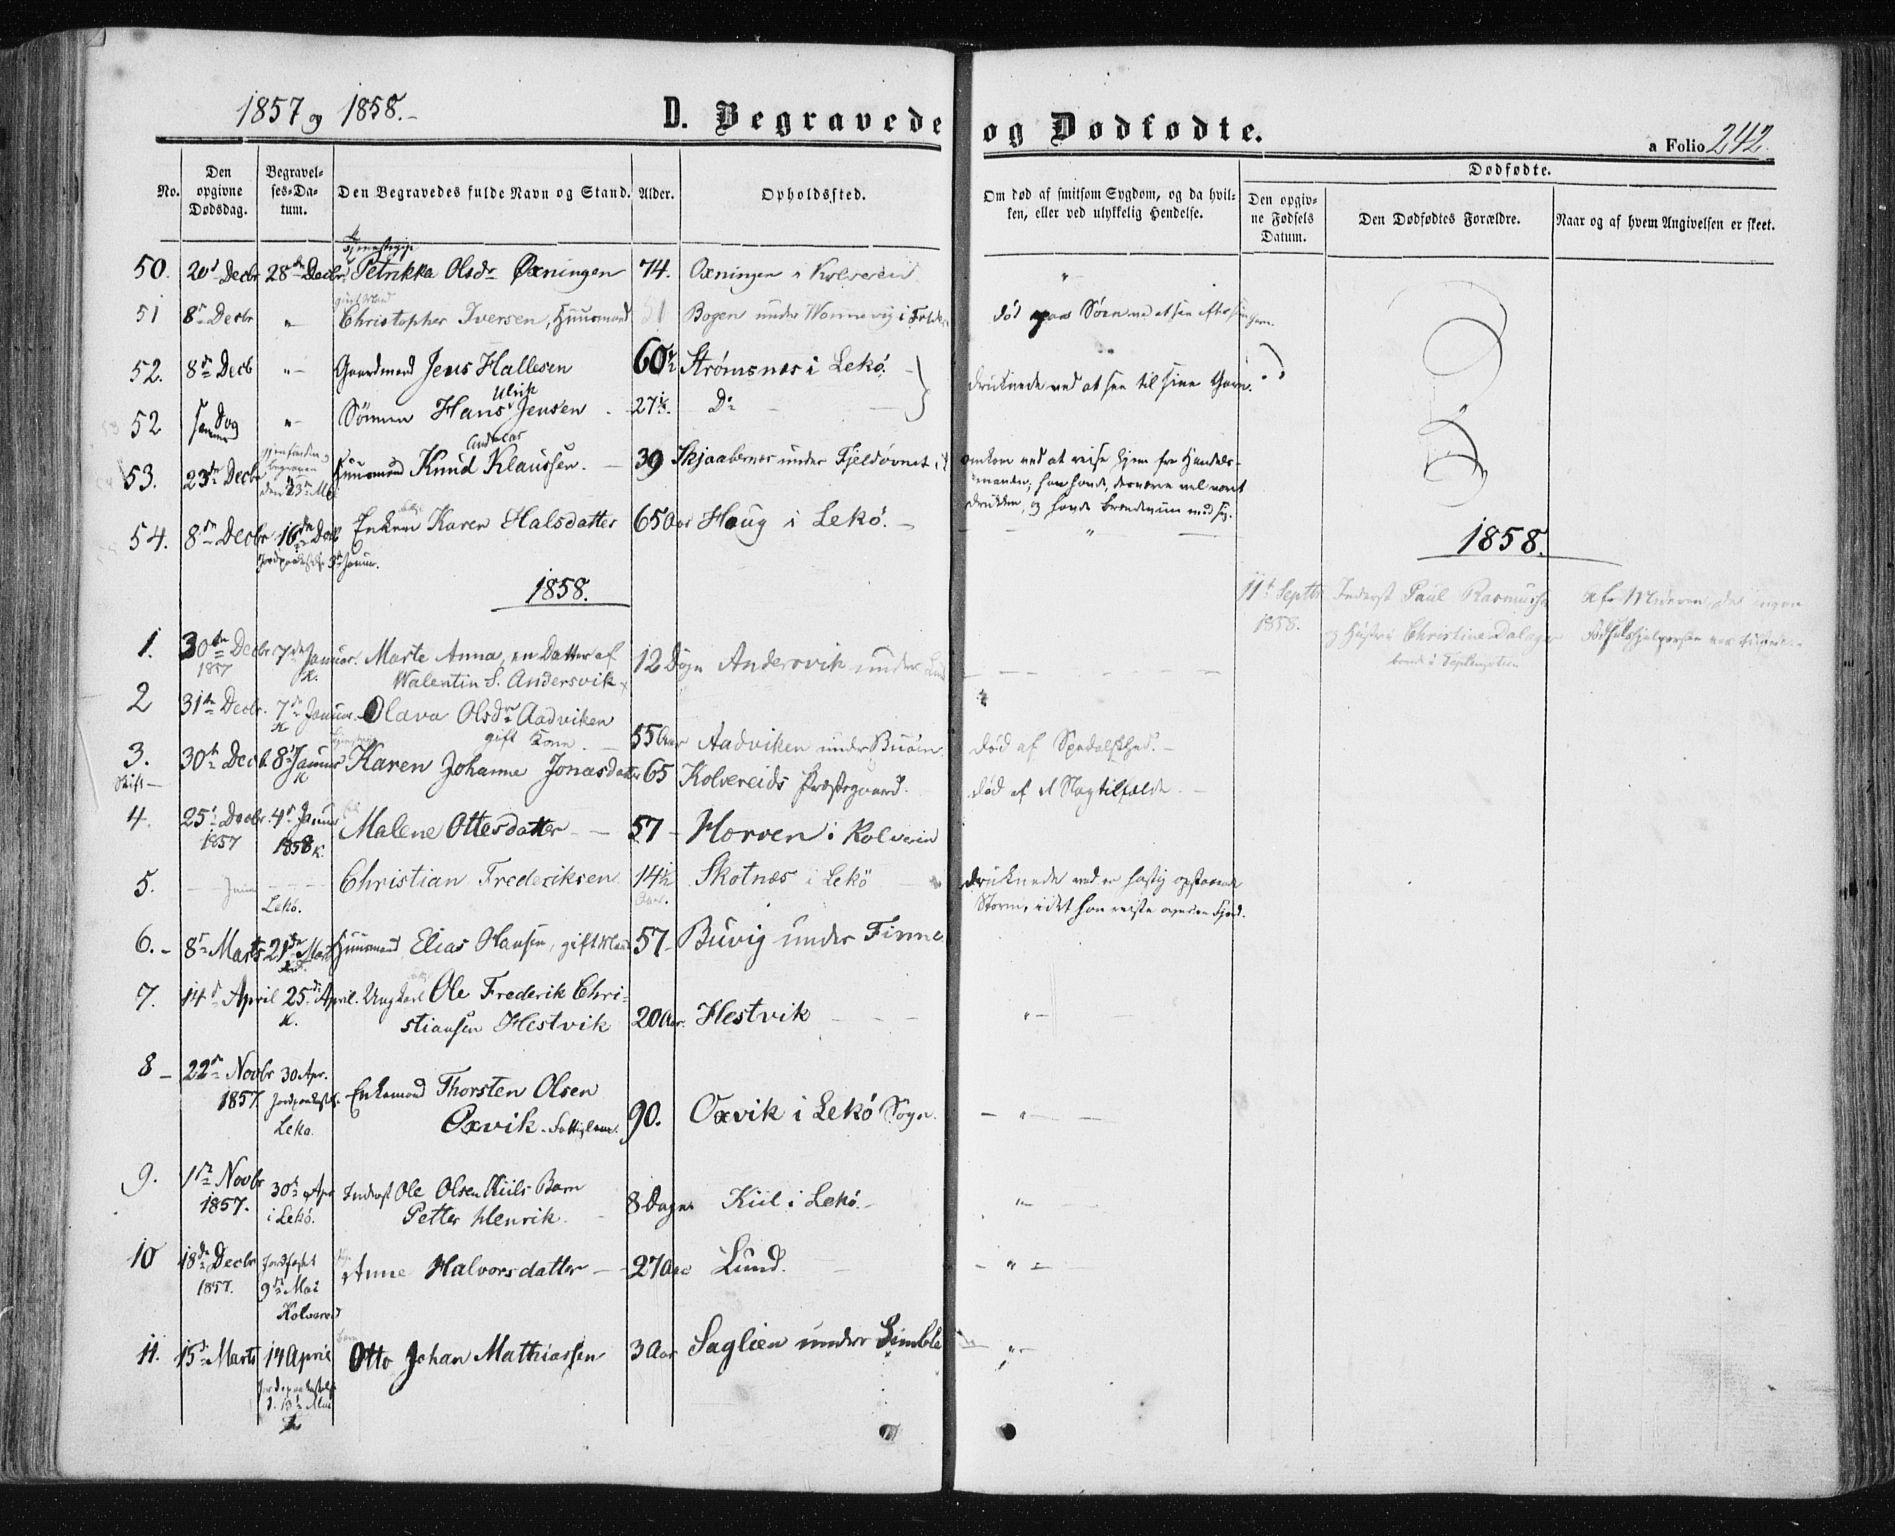 SAT, Ministerialprotokoller, klokkerbøker og fødselsregistre - Nord-Trøndelag, 780/L0641: Ministerialbok nr. 780A06, 1857-1874, s. 242